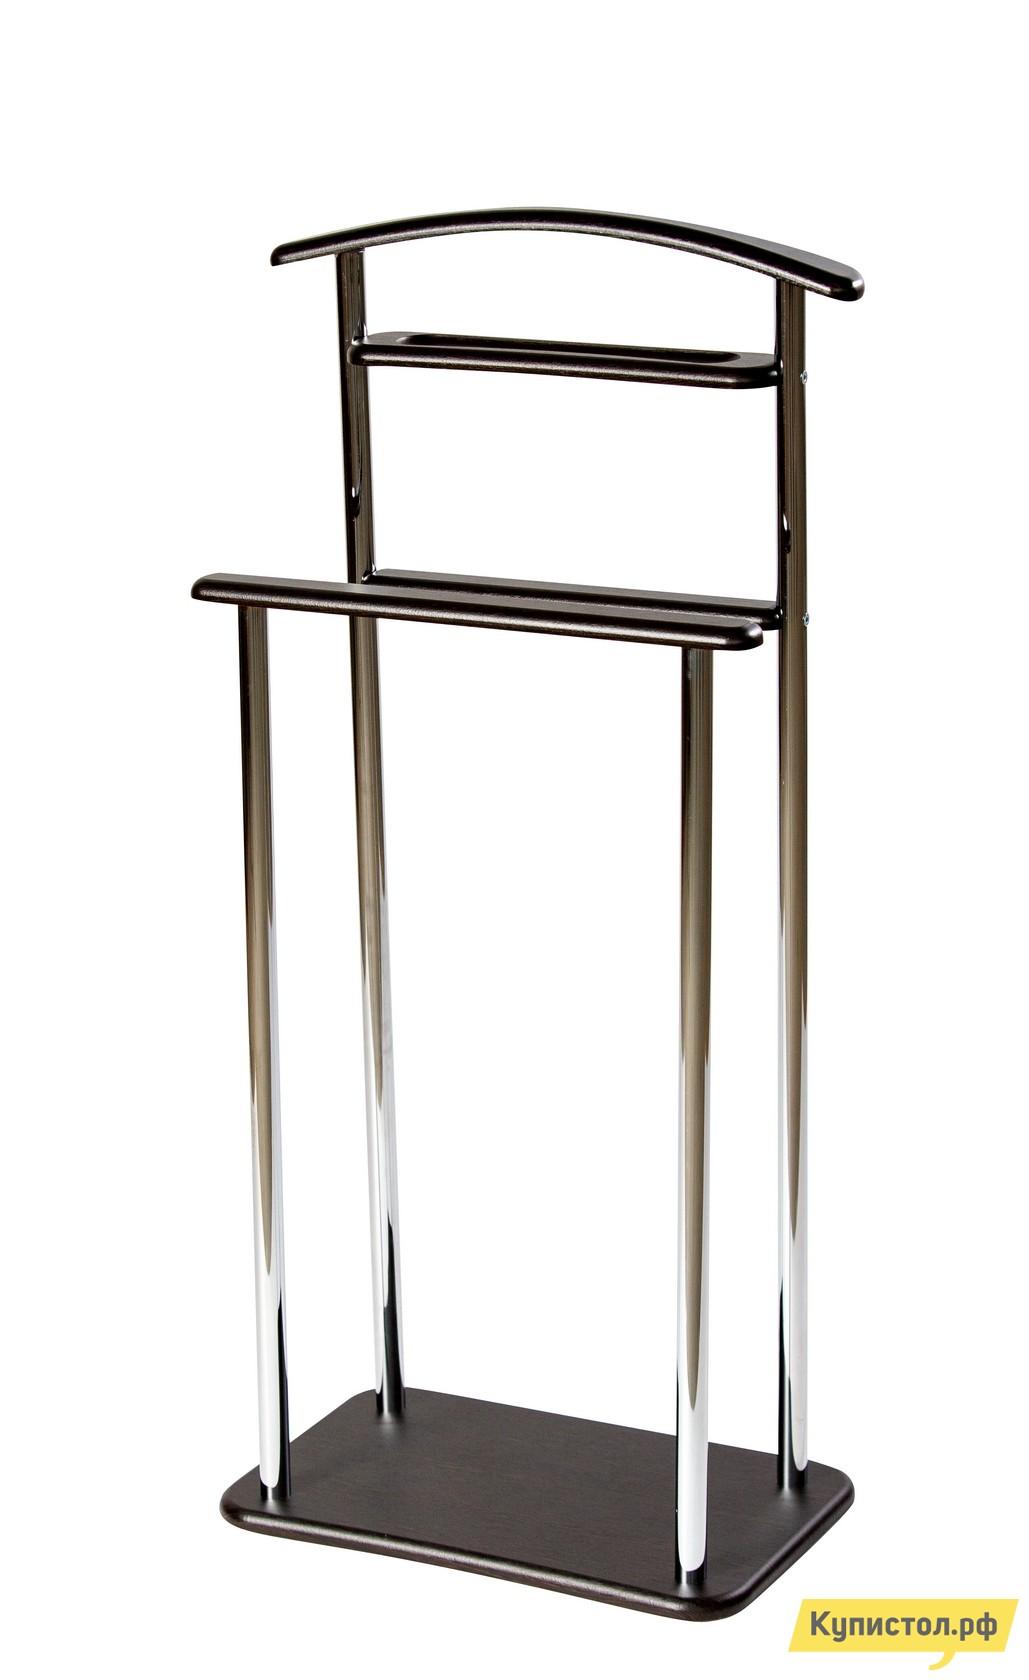 Костюмная вешалка Калифорния мебель Костюмная вешалка Элдридж Венге